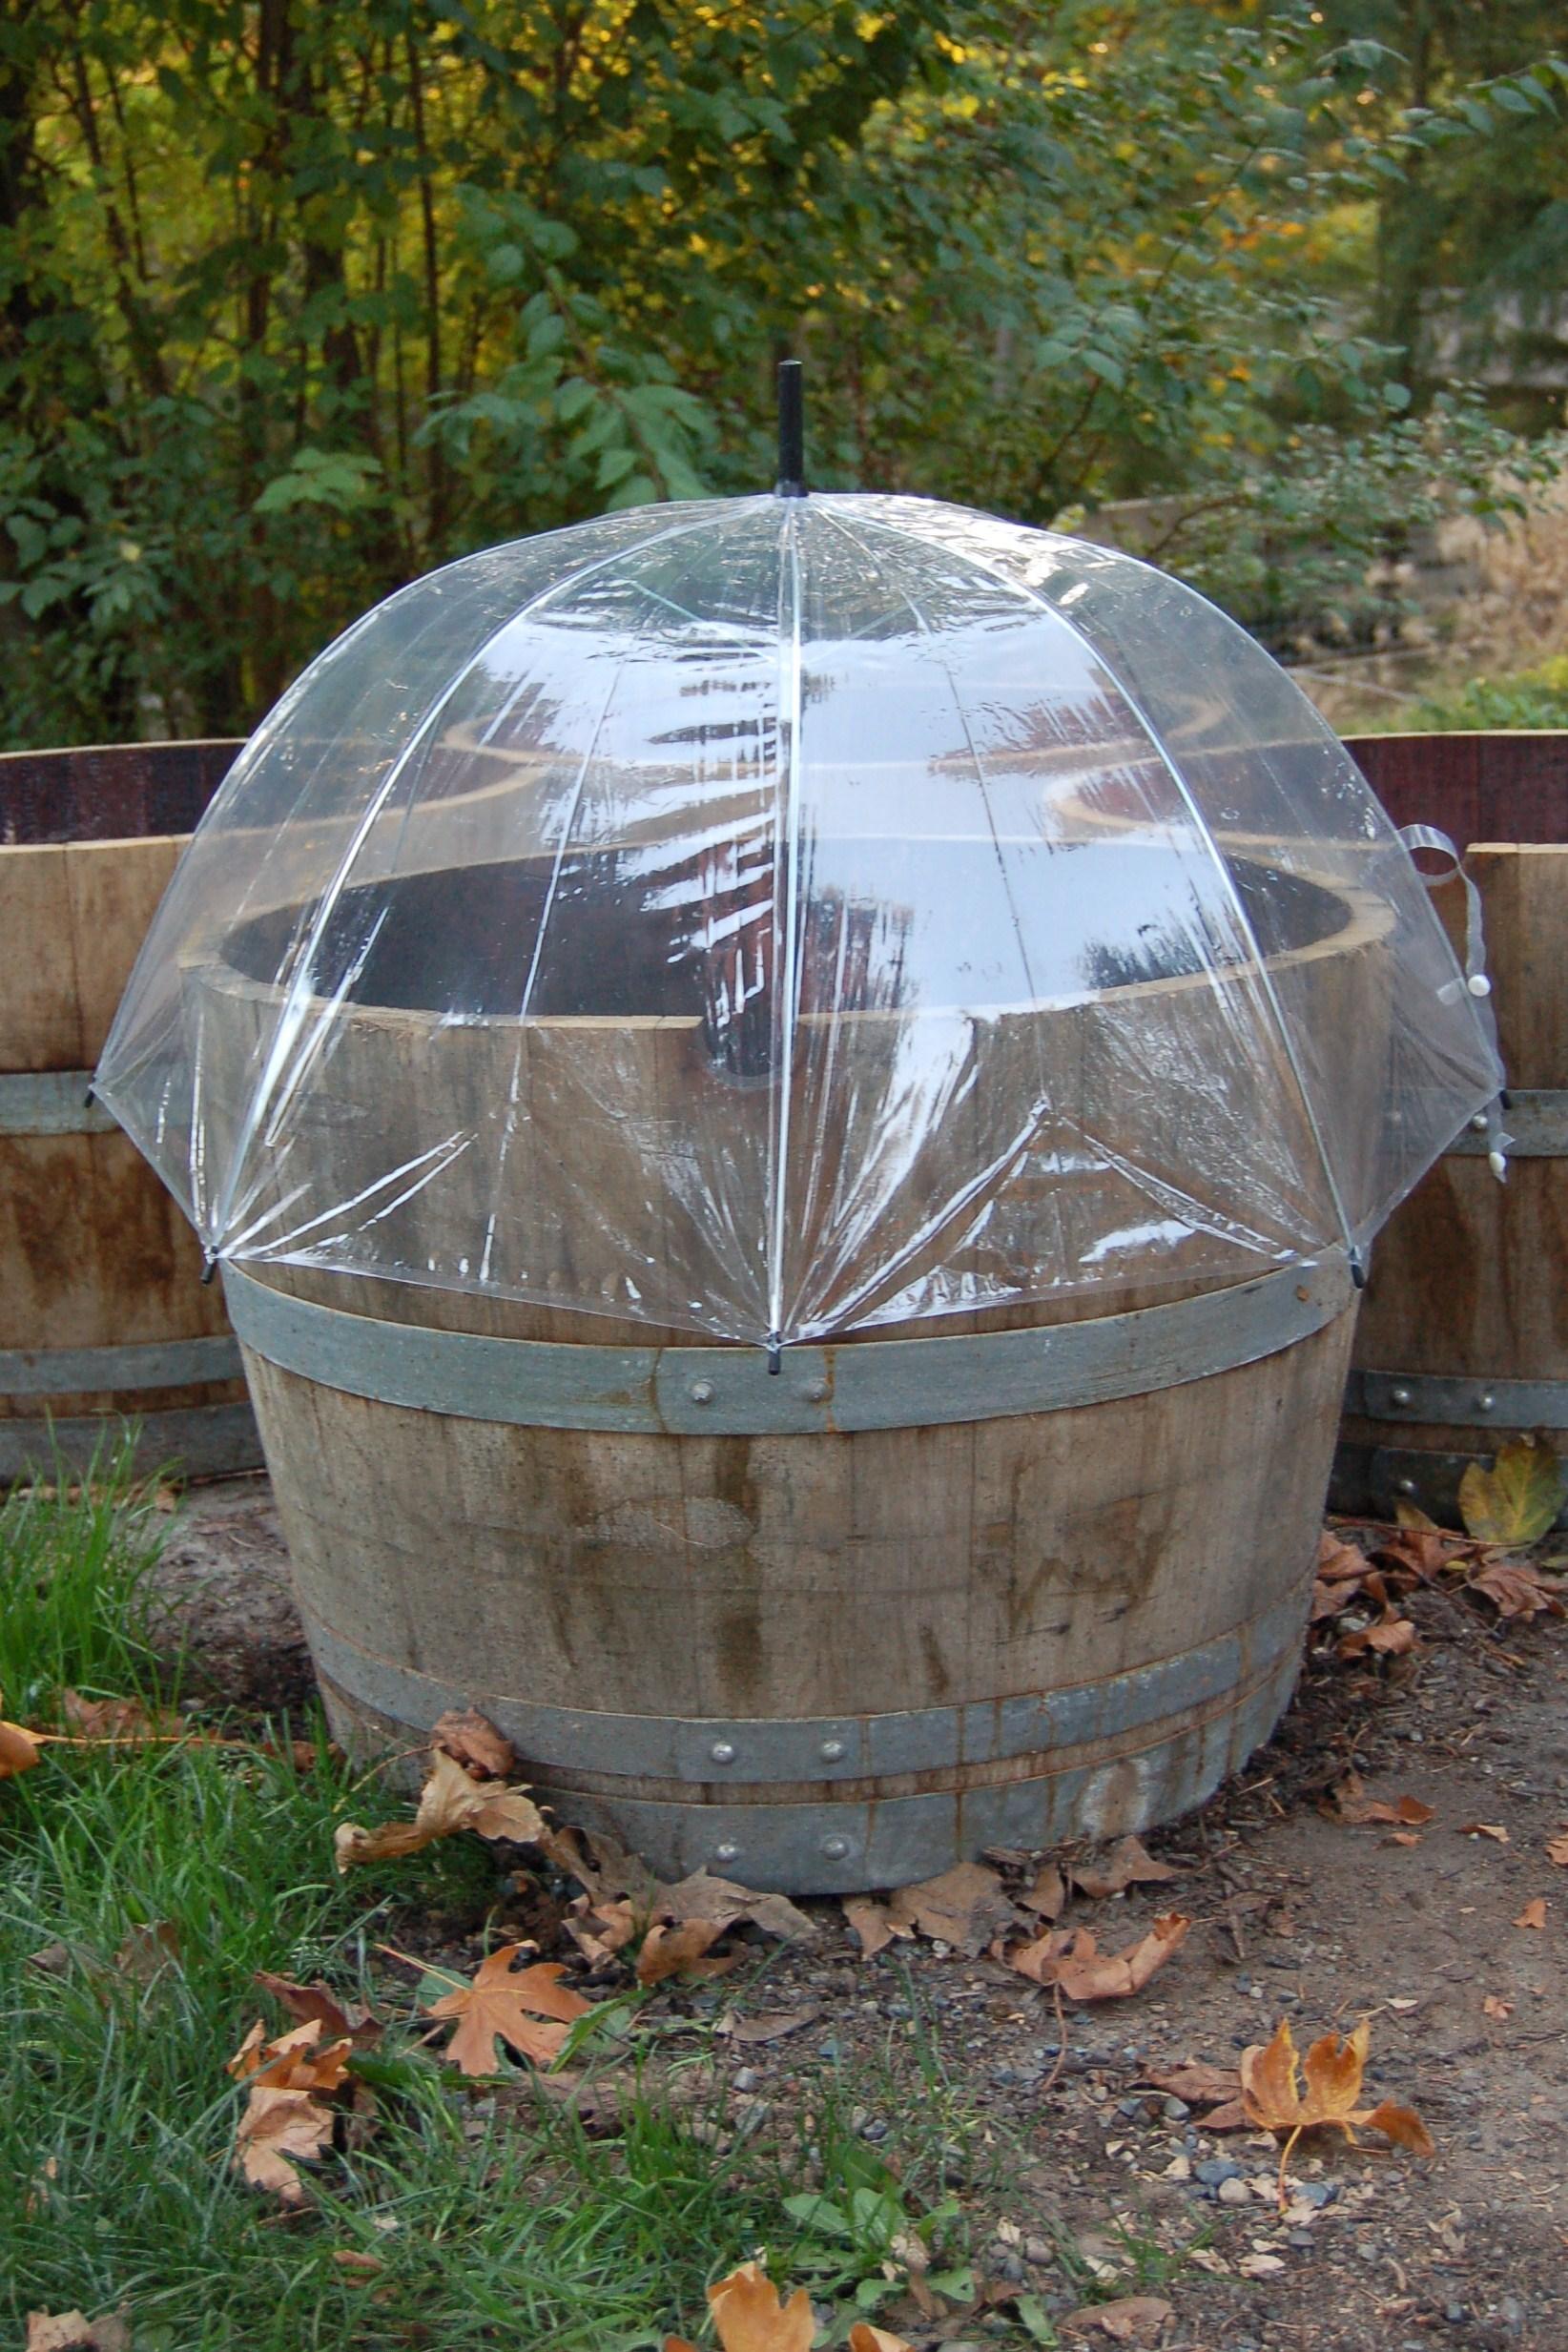 Umbrella over wine barrel